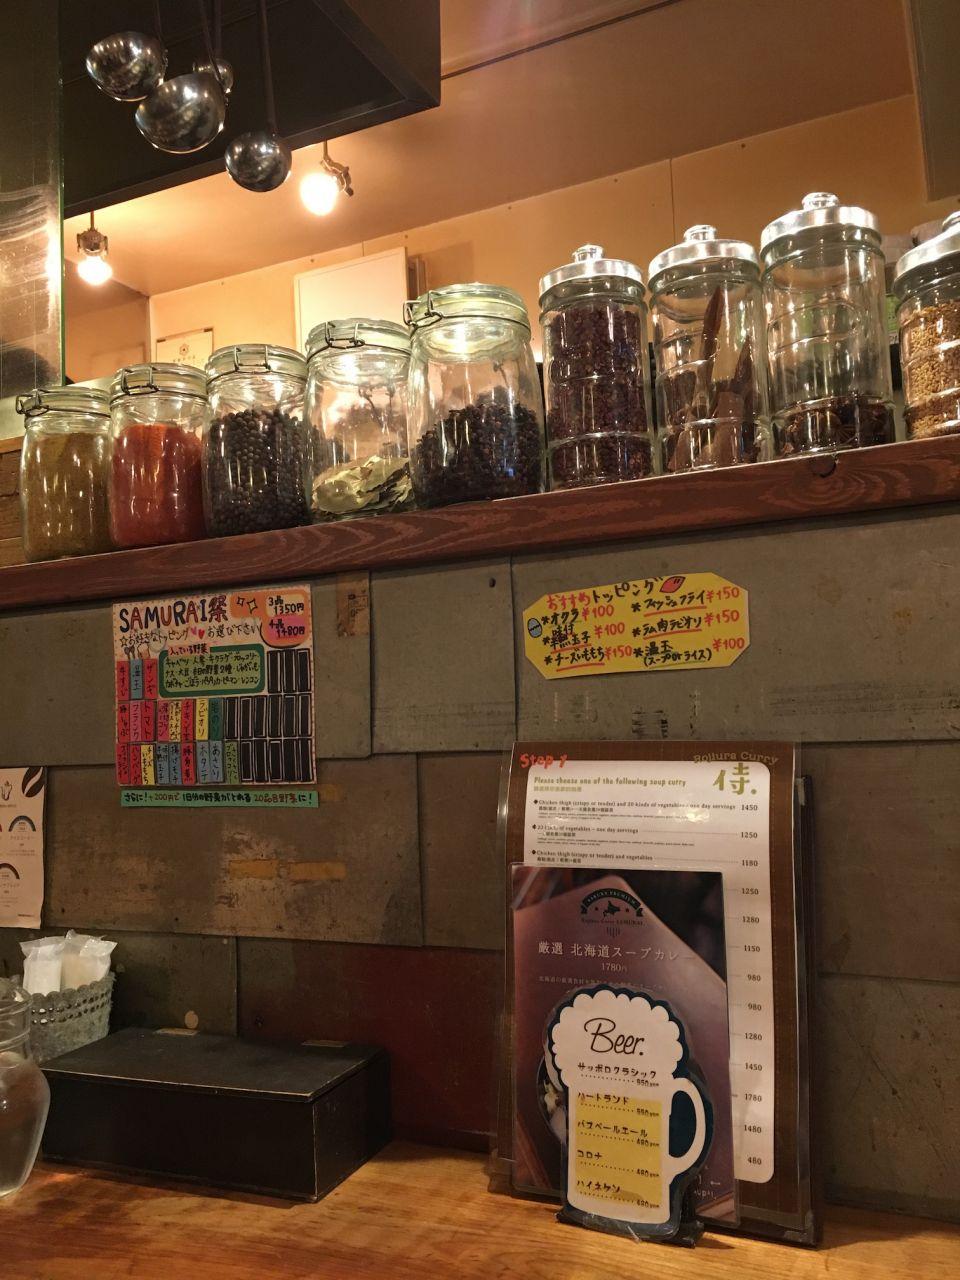 【點解會好食到咁!? 】北海道「湯咖喱名店」試食報告!